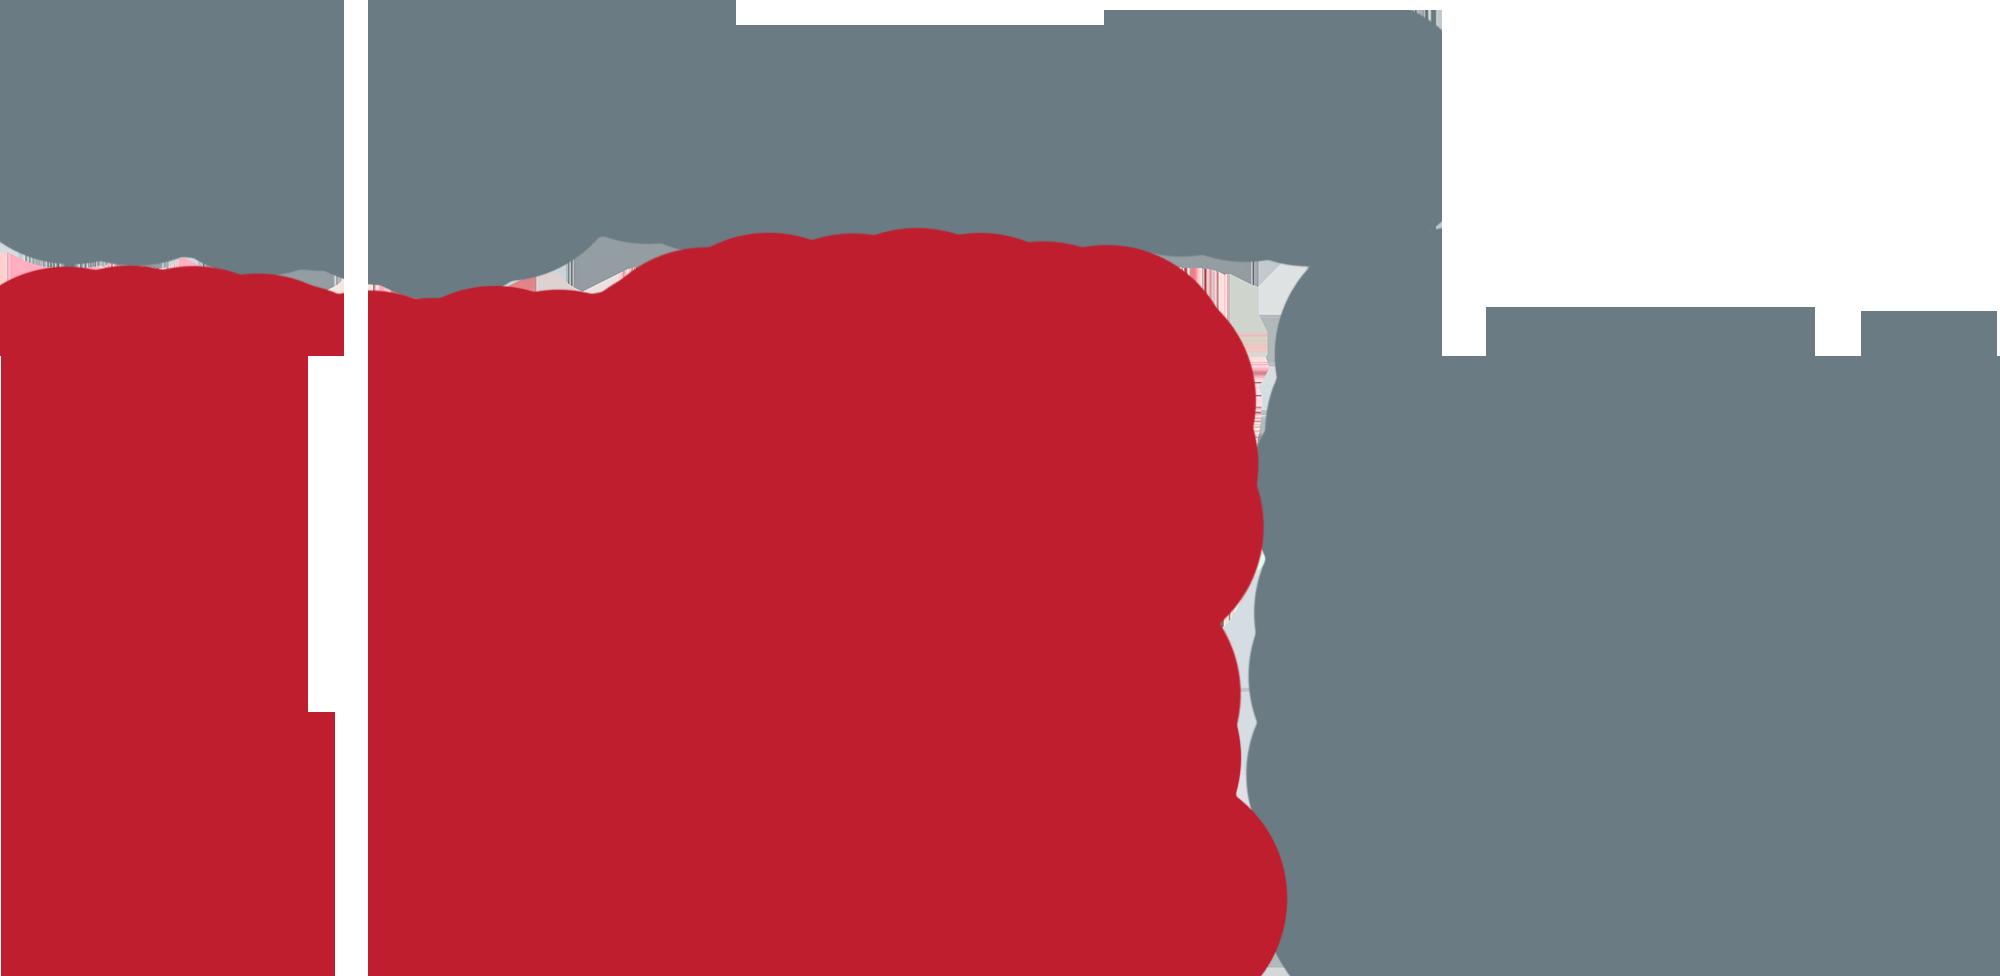 Digital Riot Media